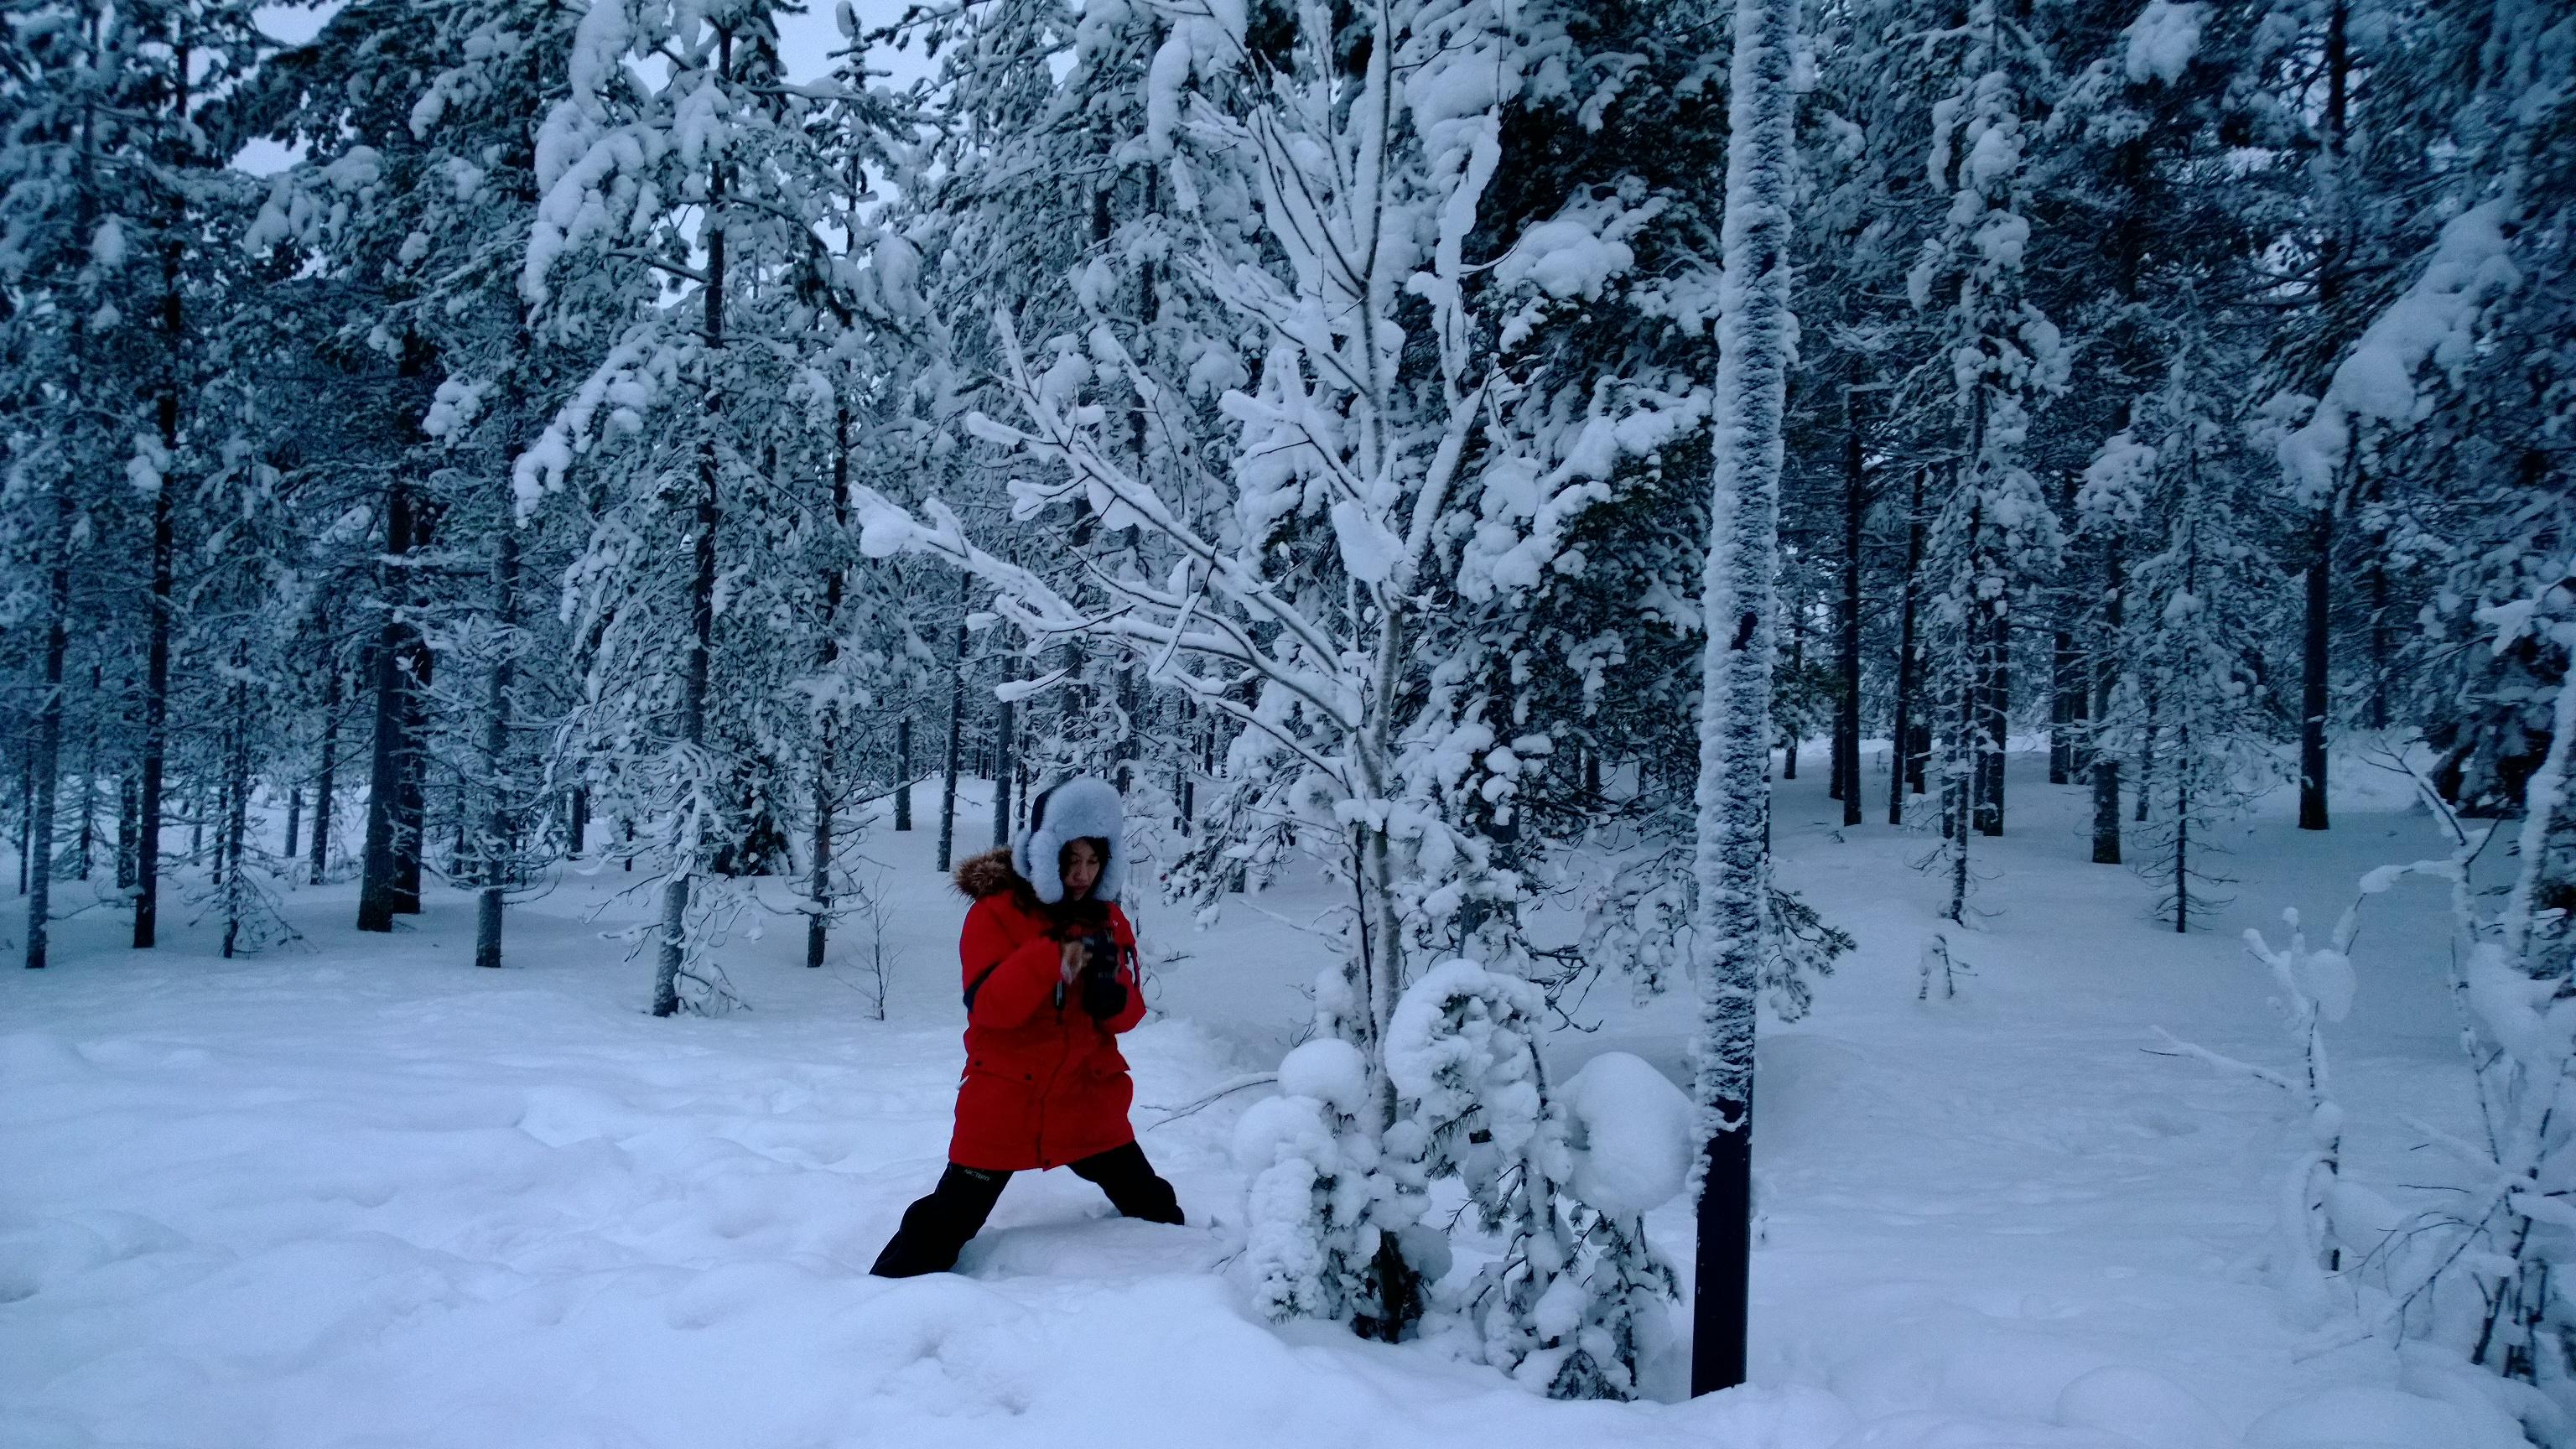 雪��/~���x+�x�&�7:d��_                  雪好深 拍个树